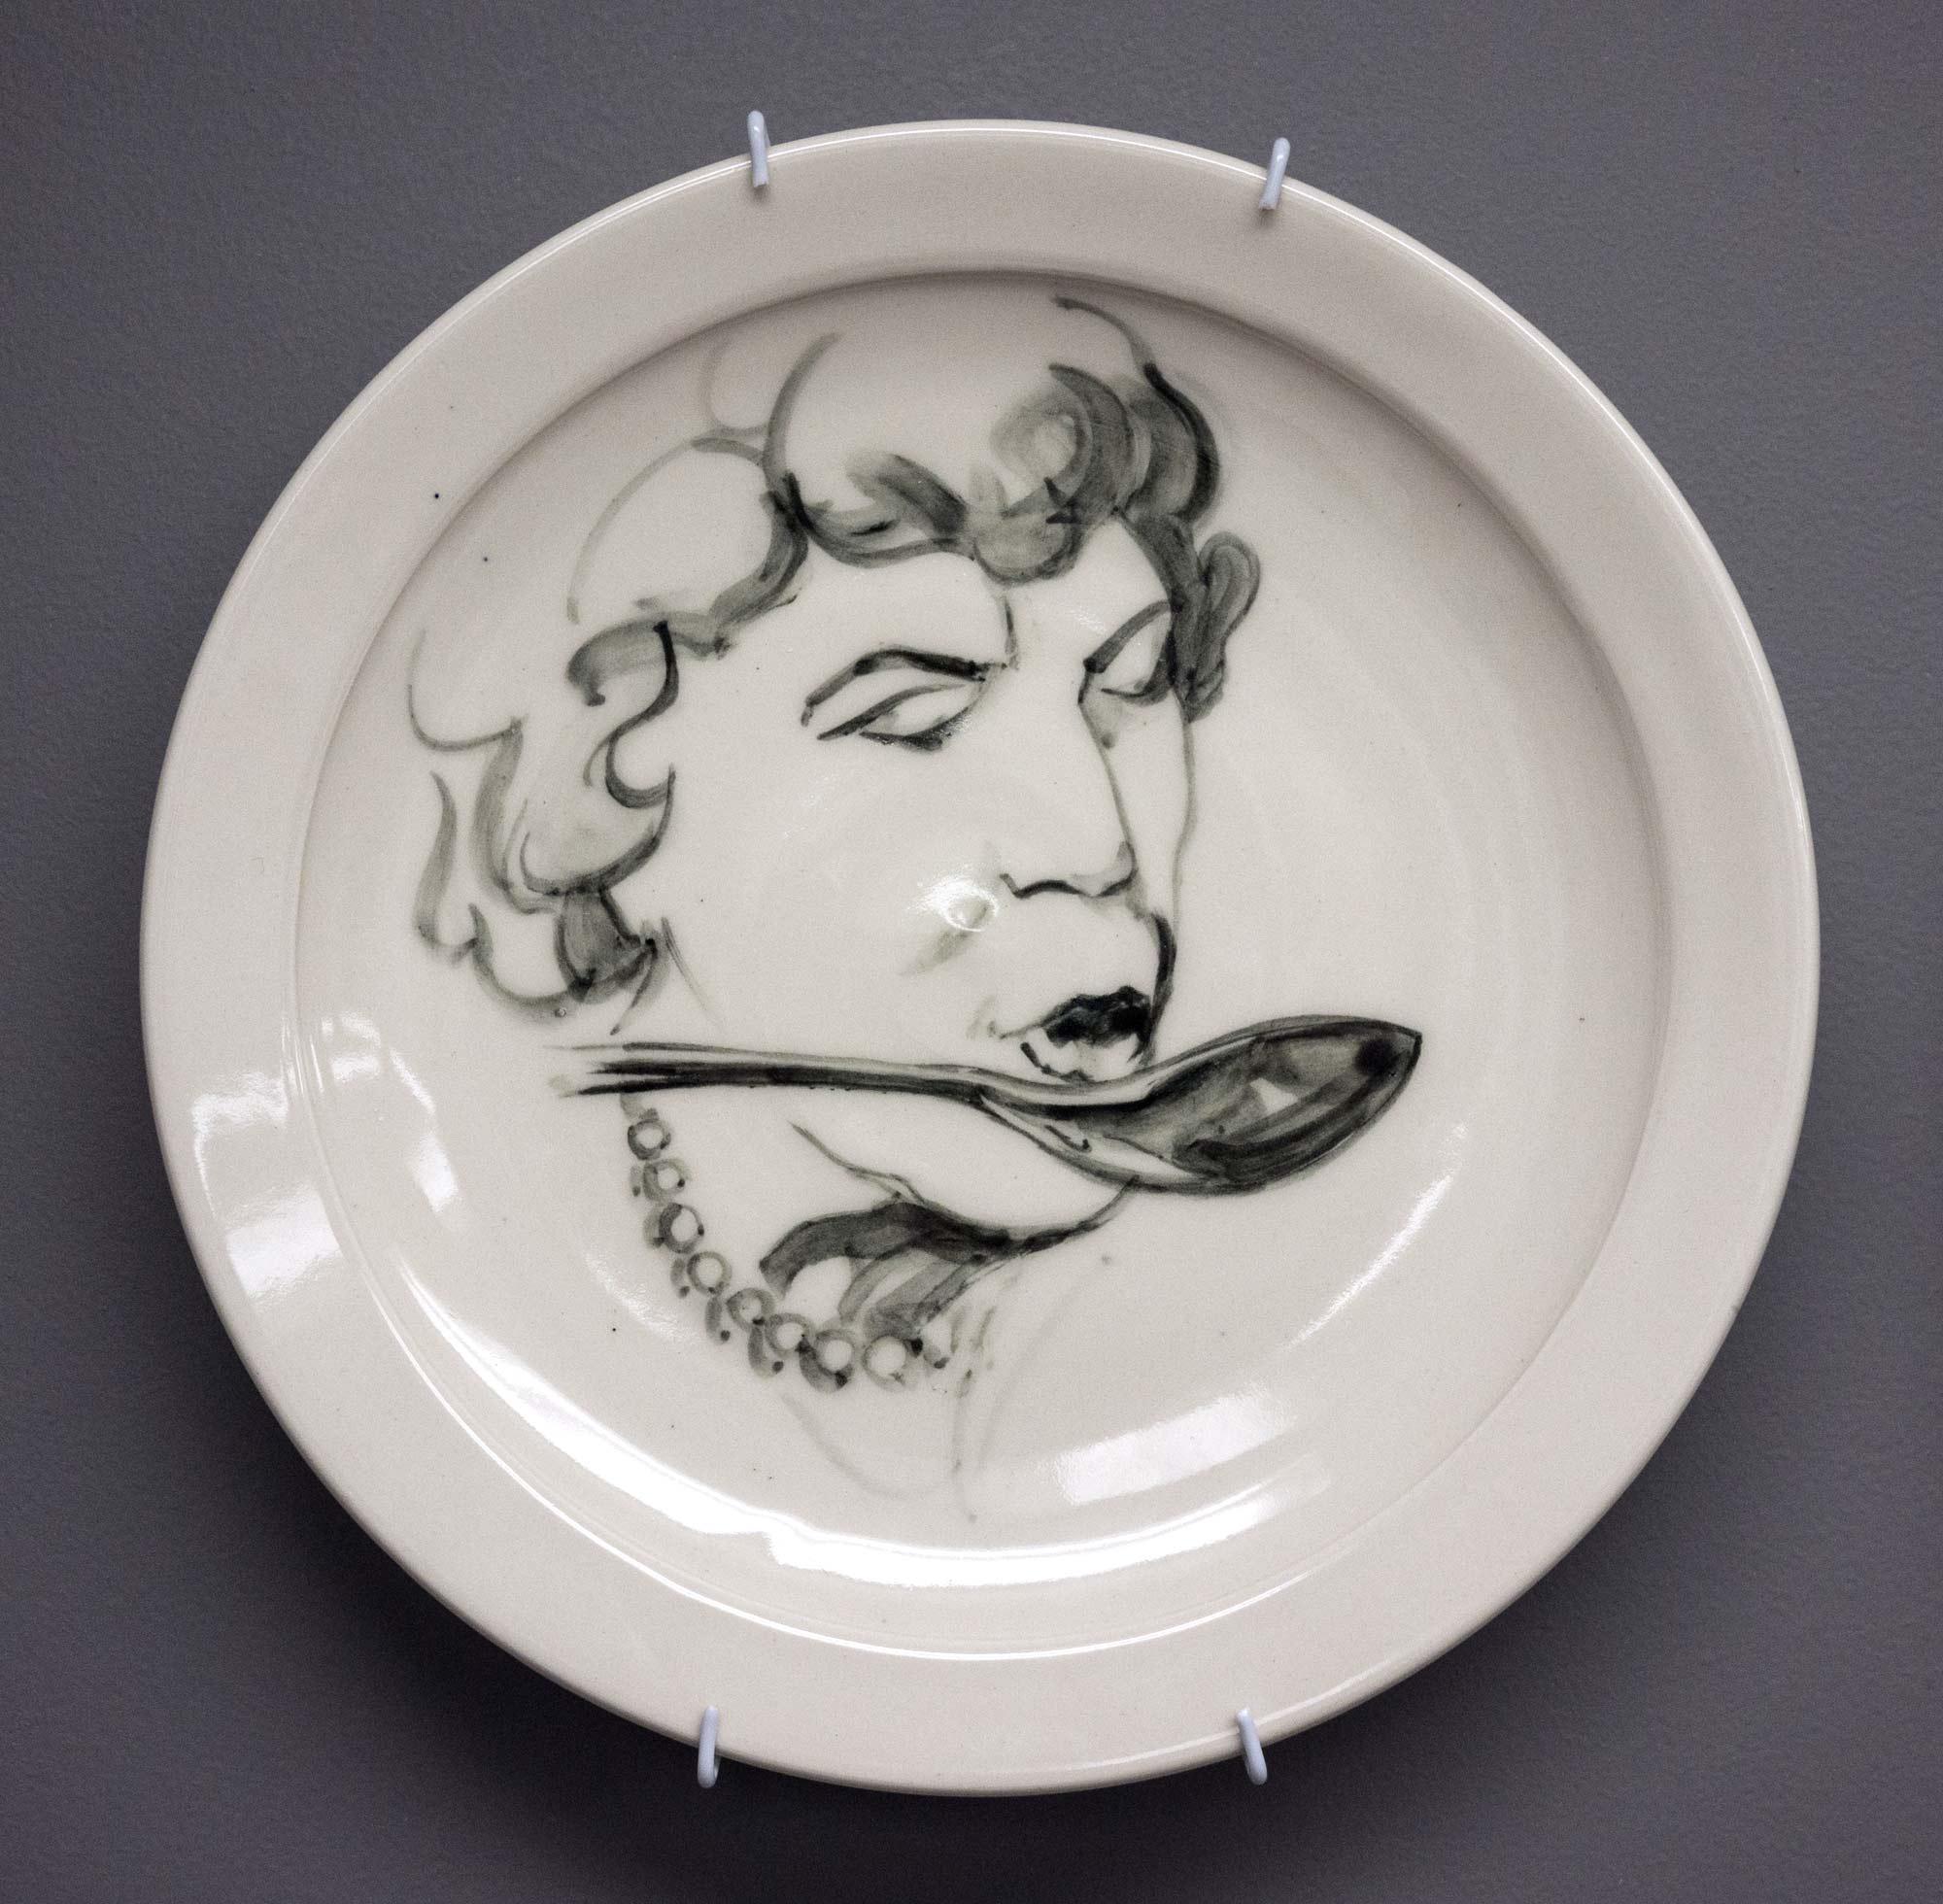 Collaborative Plate: Julia Child